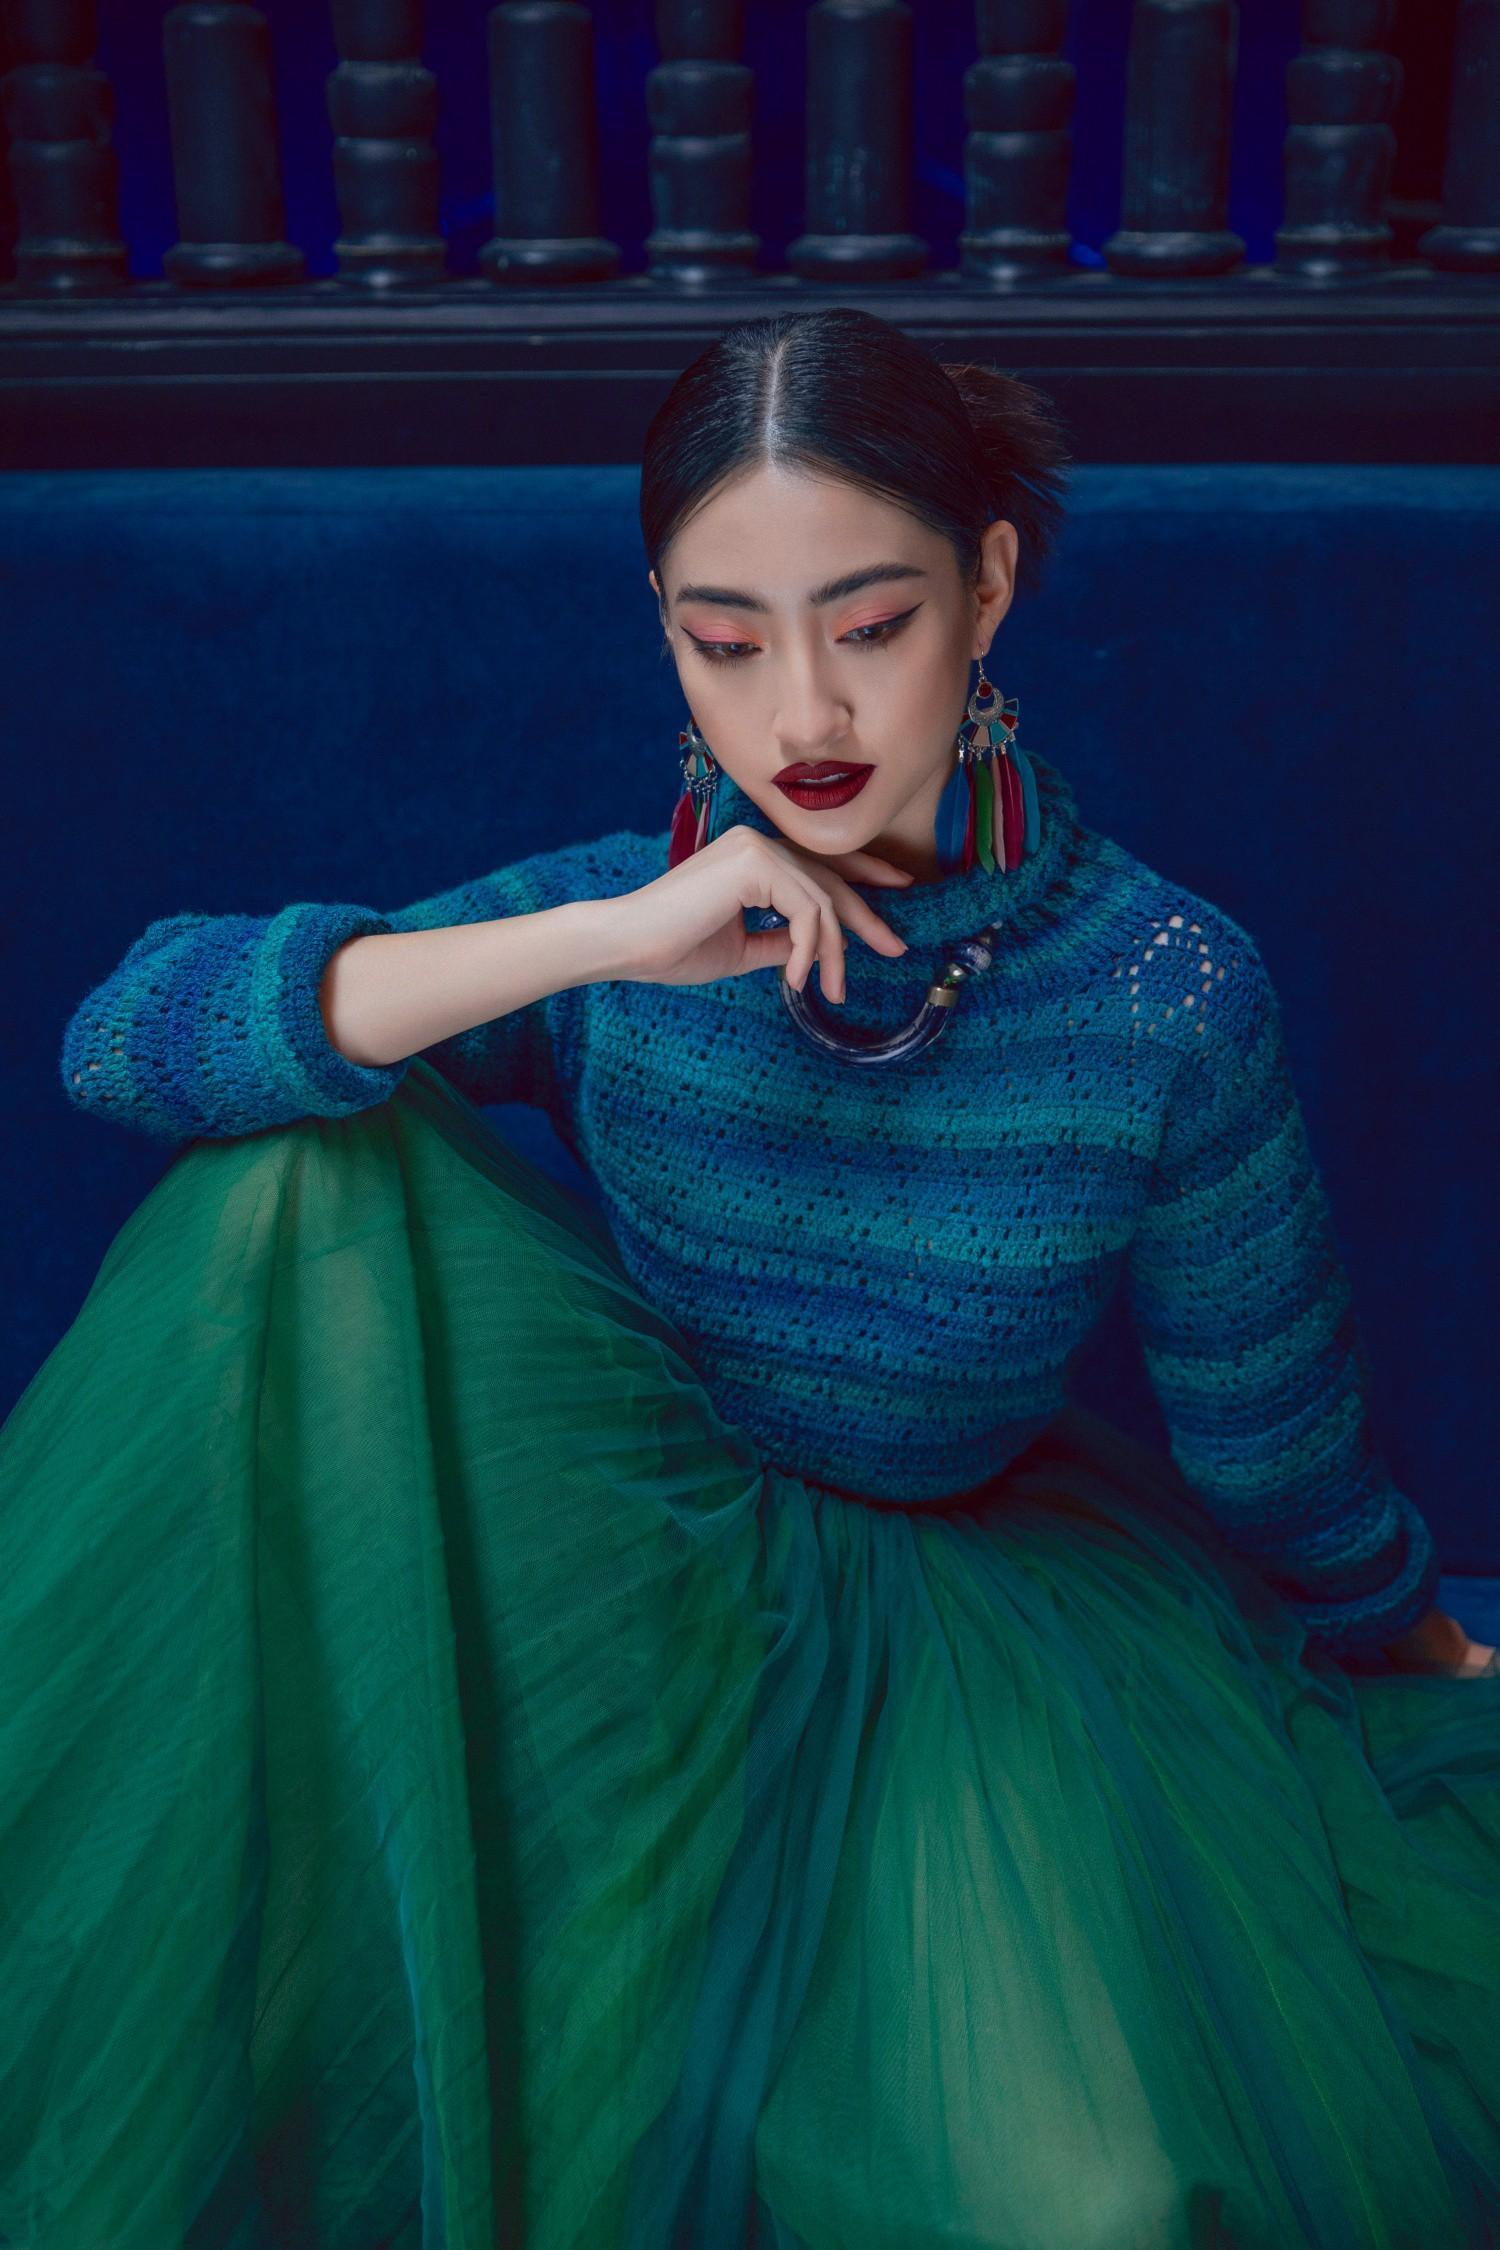 Hoa hậu Lương Thùy Linh ngày càng lột xác sau 6 tháng đăng quang Ảnh 12